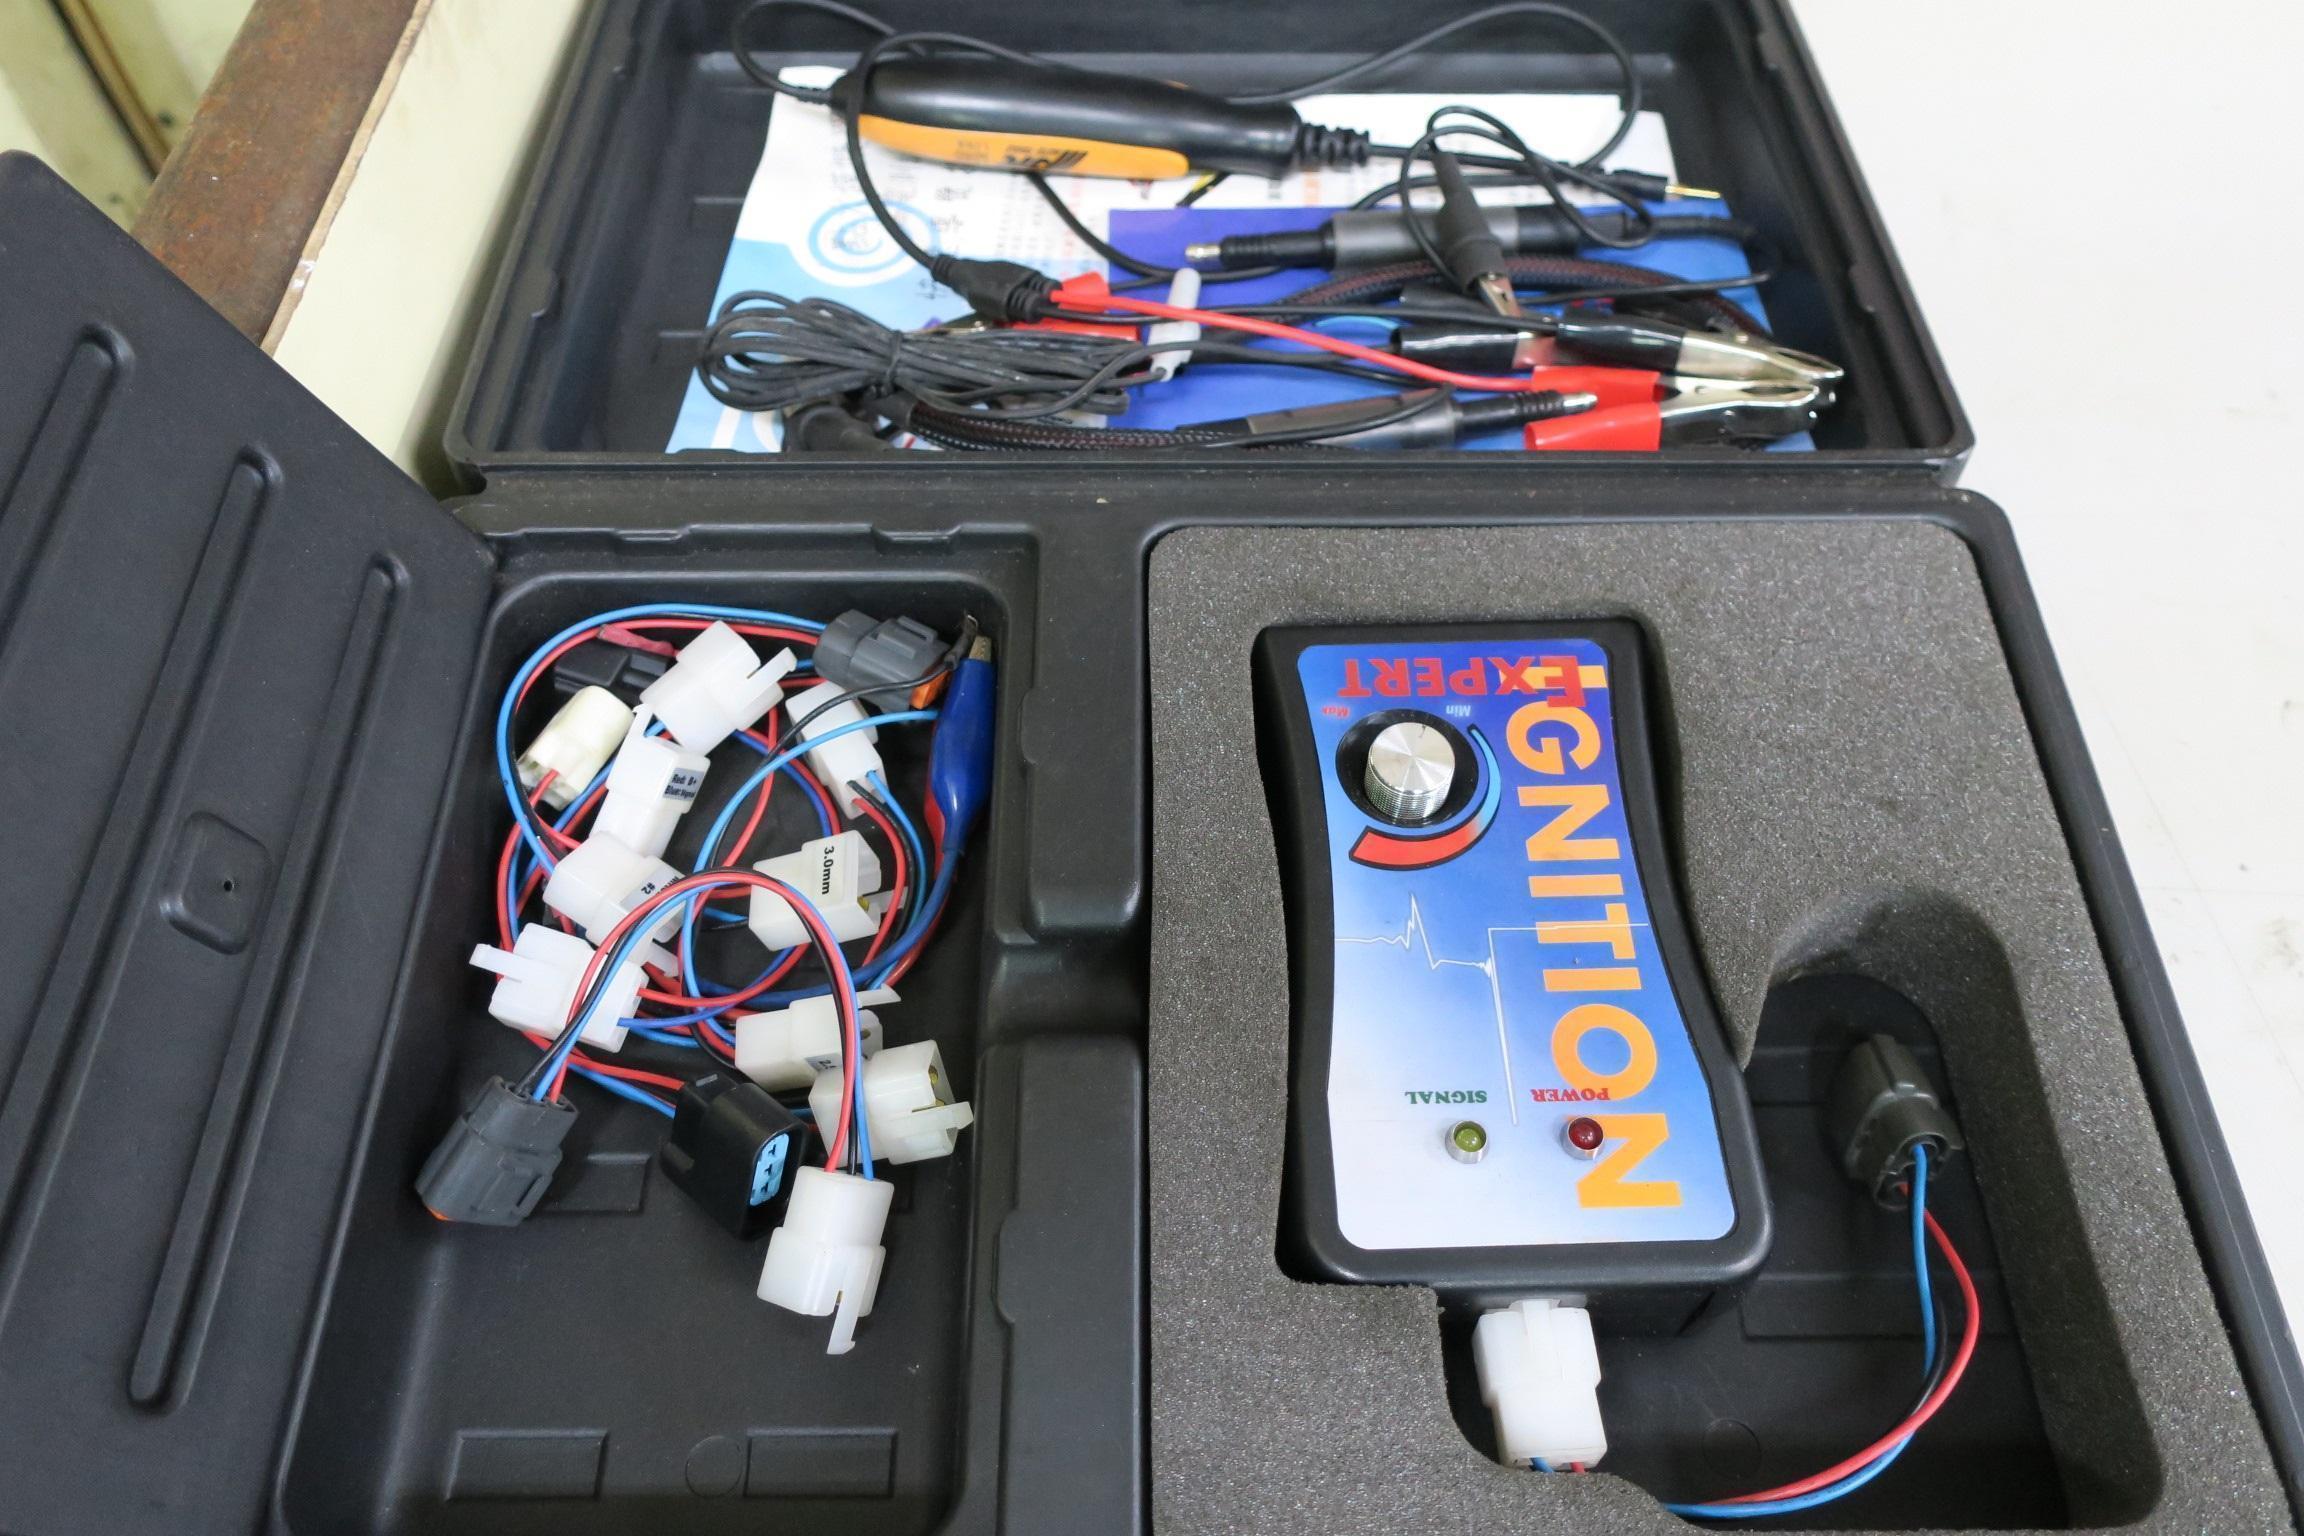 引擎點火系統測試設備。